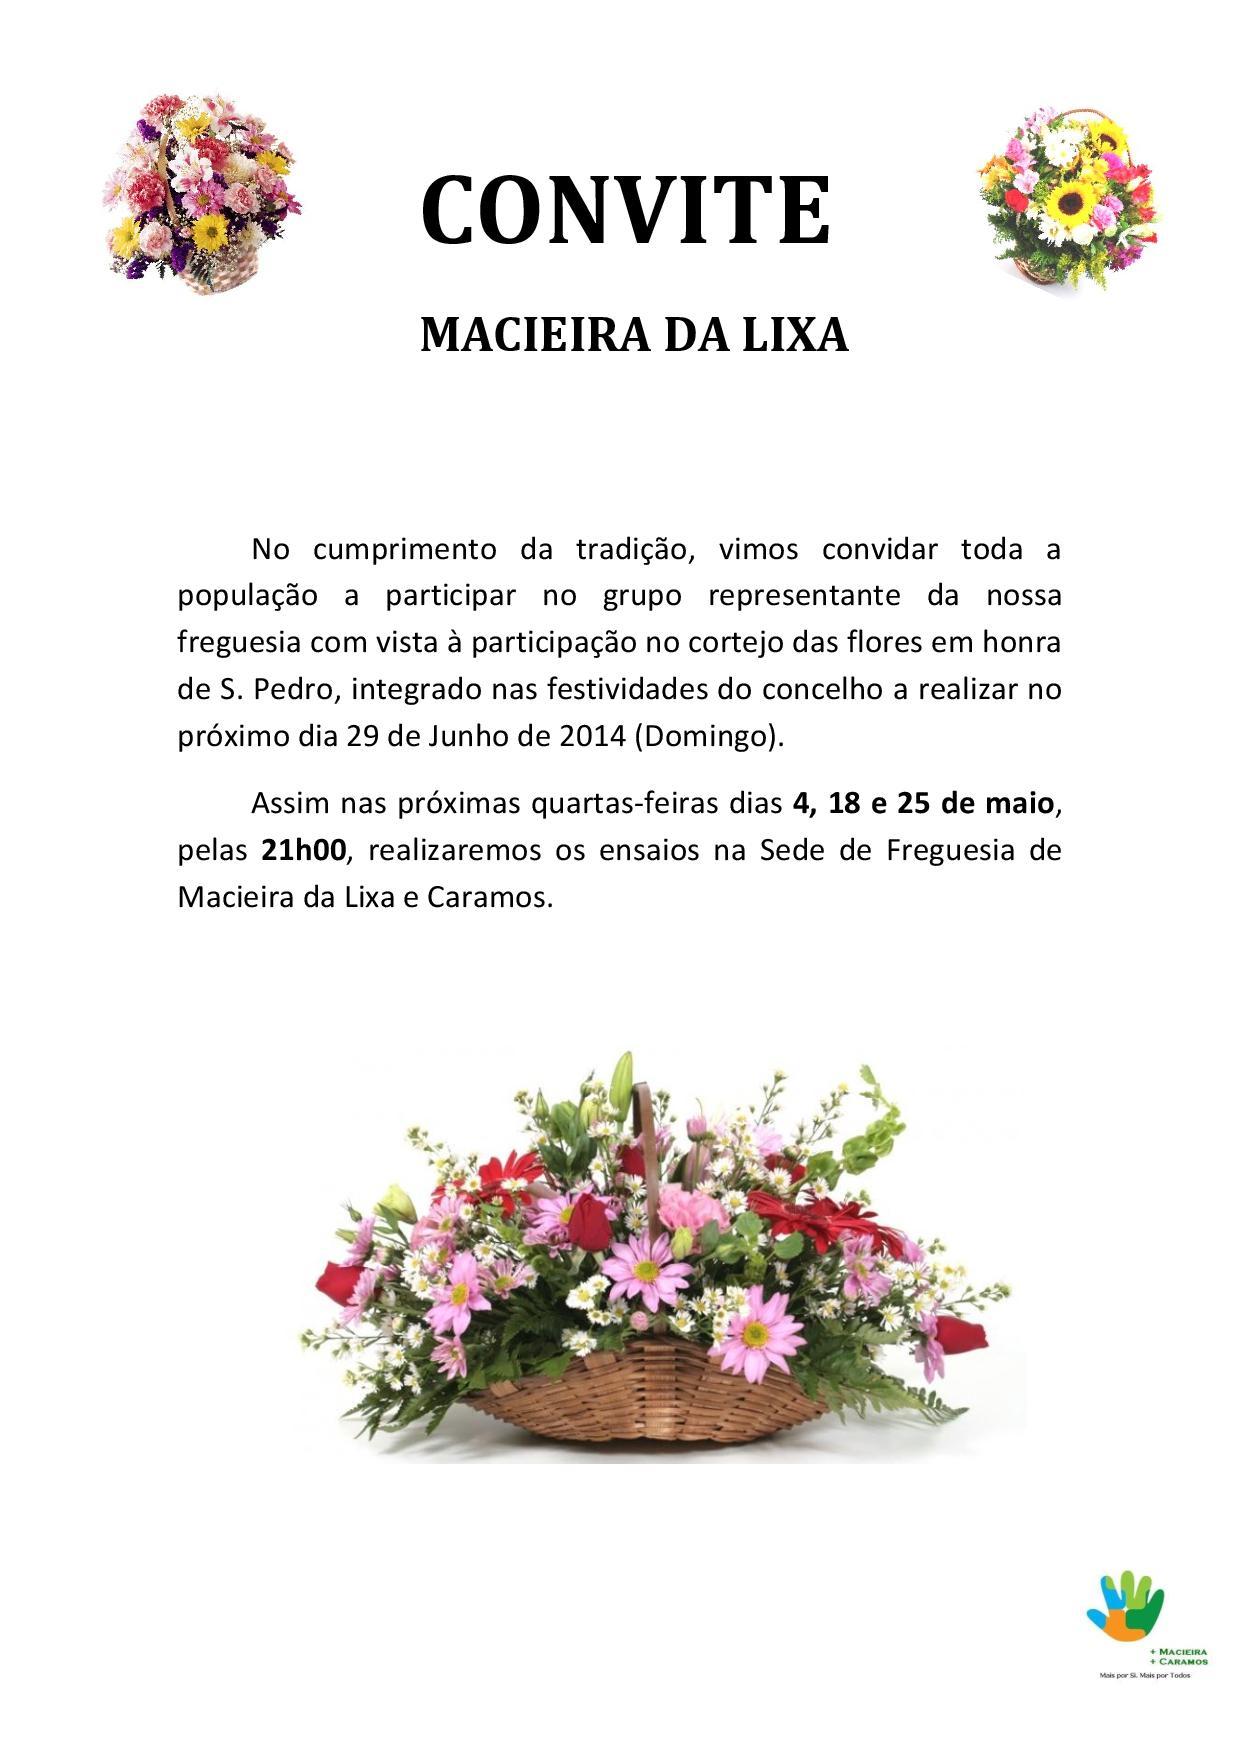 CONVITE - Ensaios para o cortejo das flores - Macieira da Lixa